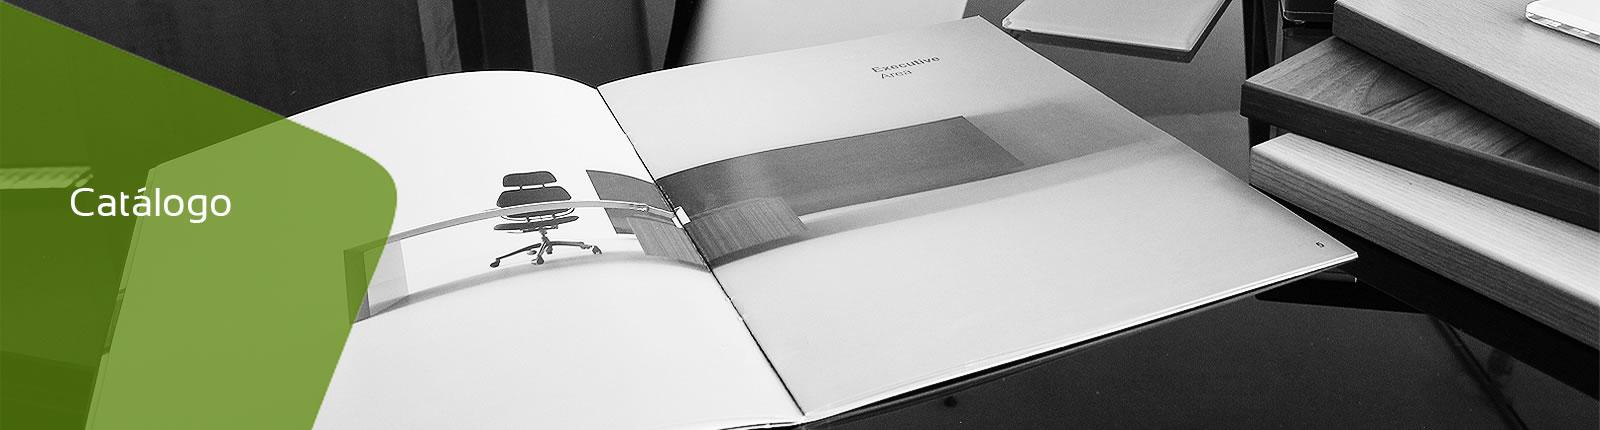 Catálogo de Muebles de oficinas